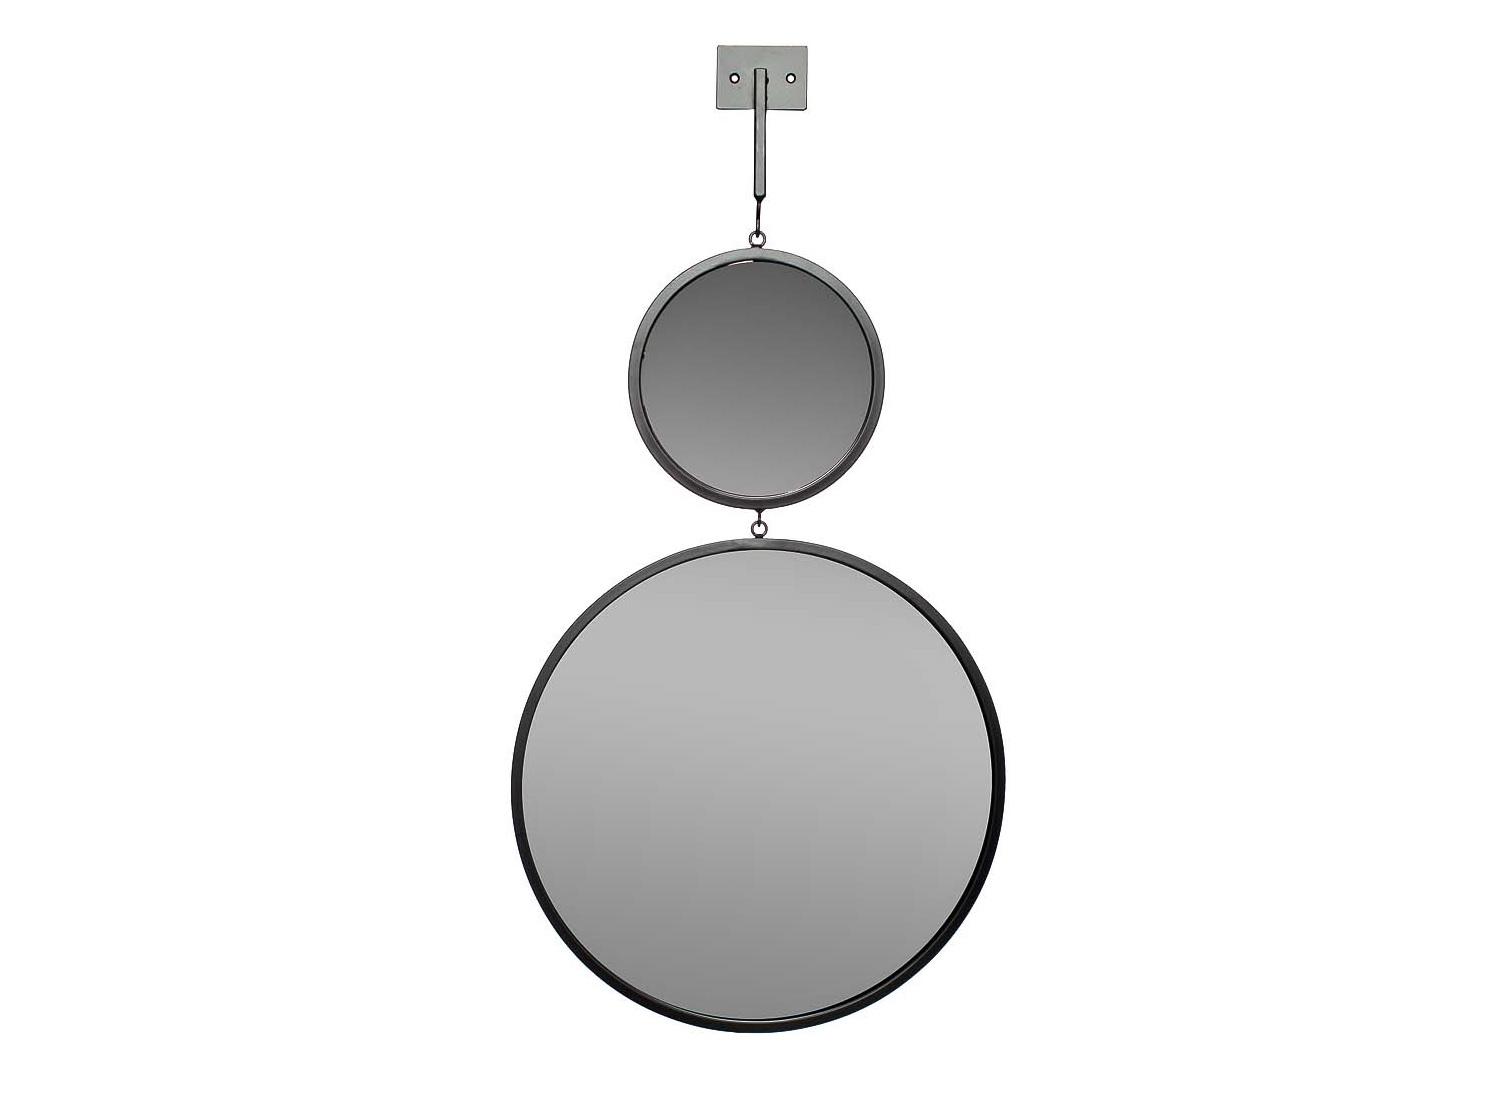 ЗеркалоНастенные зеркала<br>диаметр большого зеркала - 40 см, маленького зеркала - 20 см, высота планки - 15 см<br><br>Material: Металл<br>Ширина см: 40<br>Высота см: 75